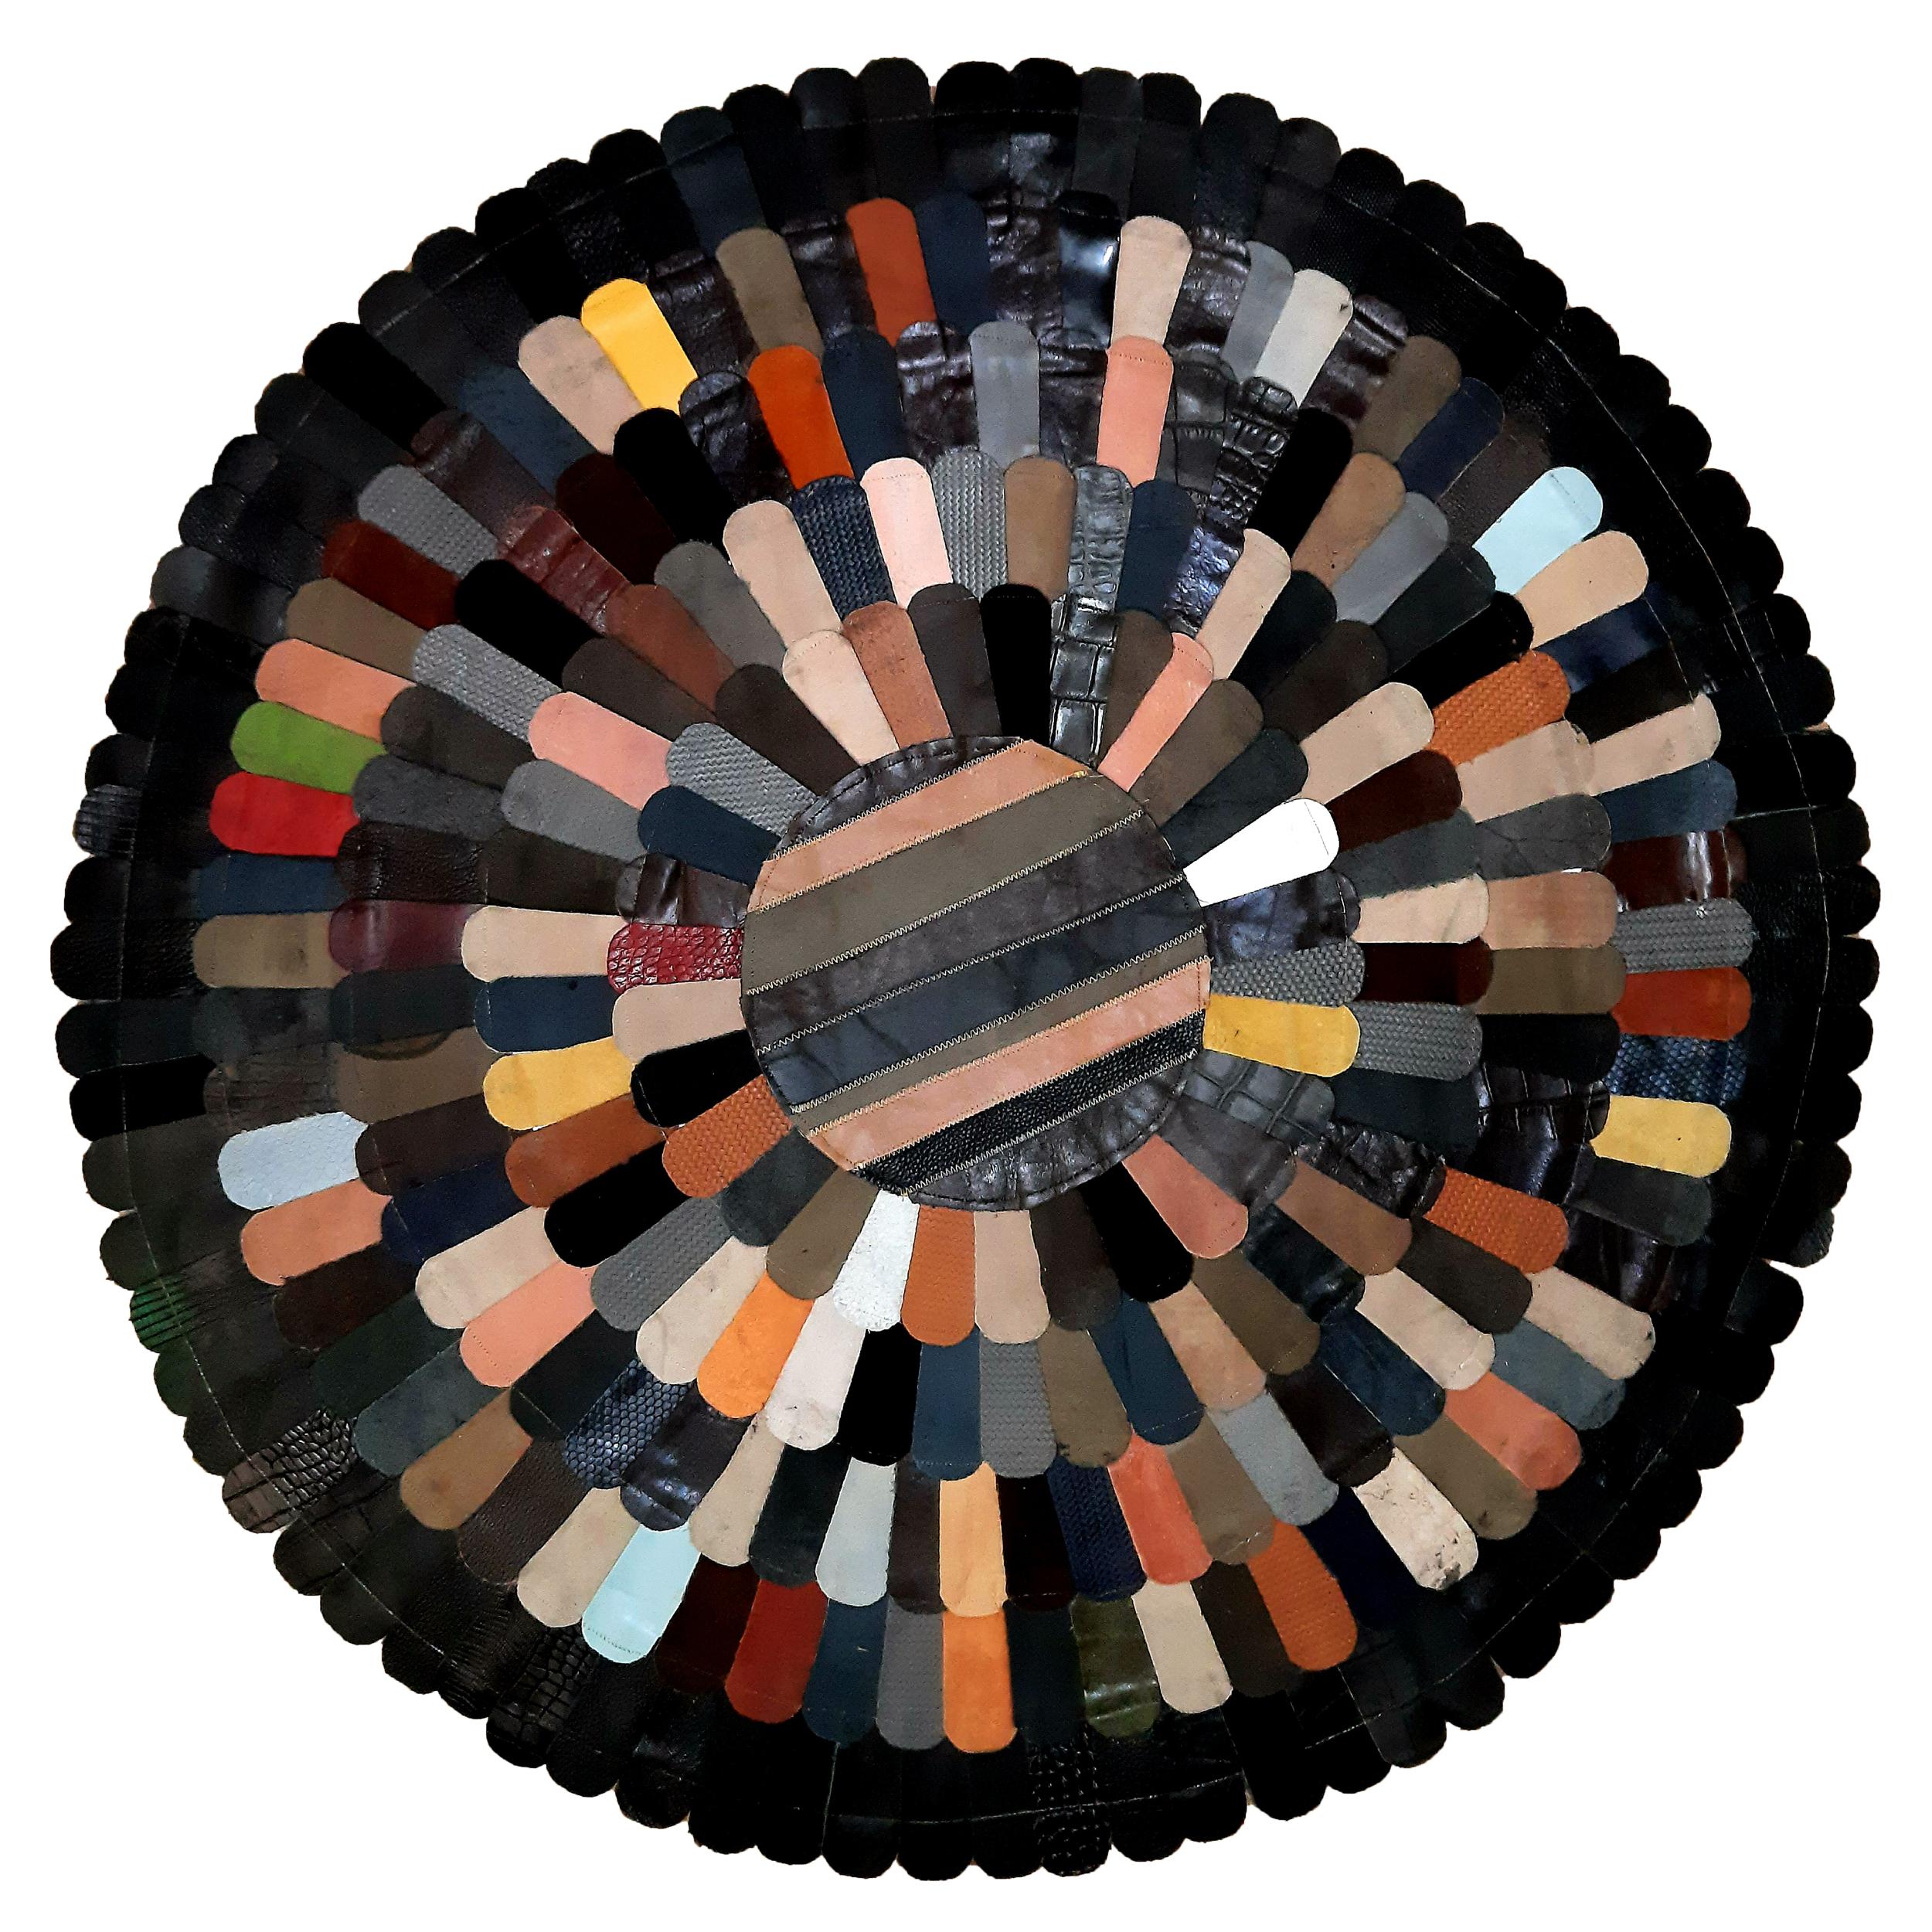 کلاژ فرش پوست و چرم کد 2016